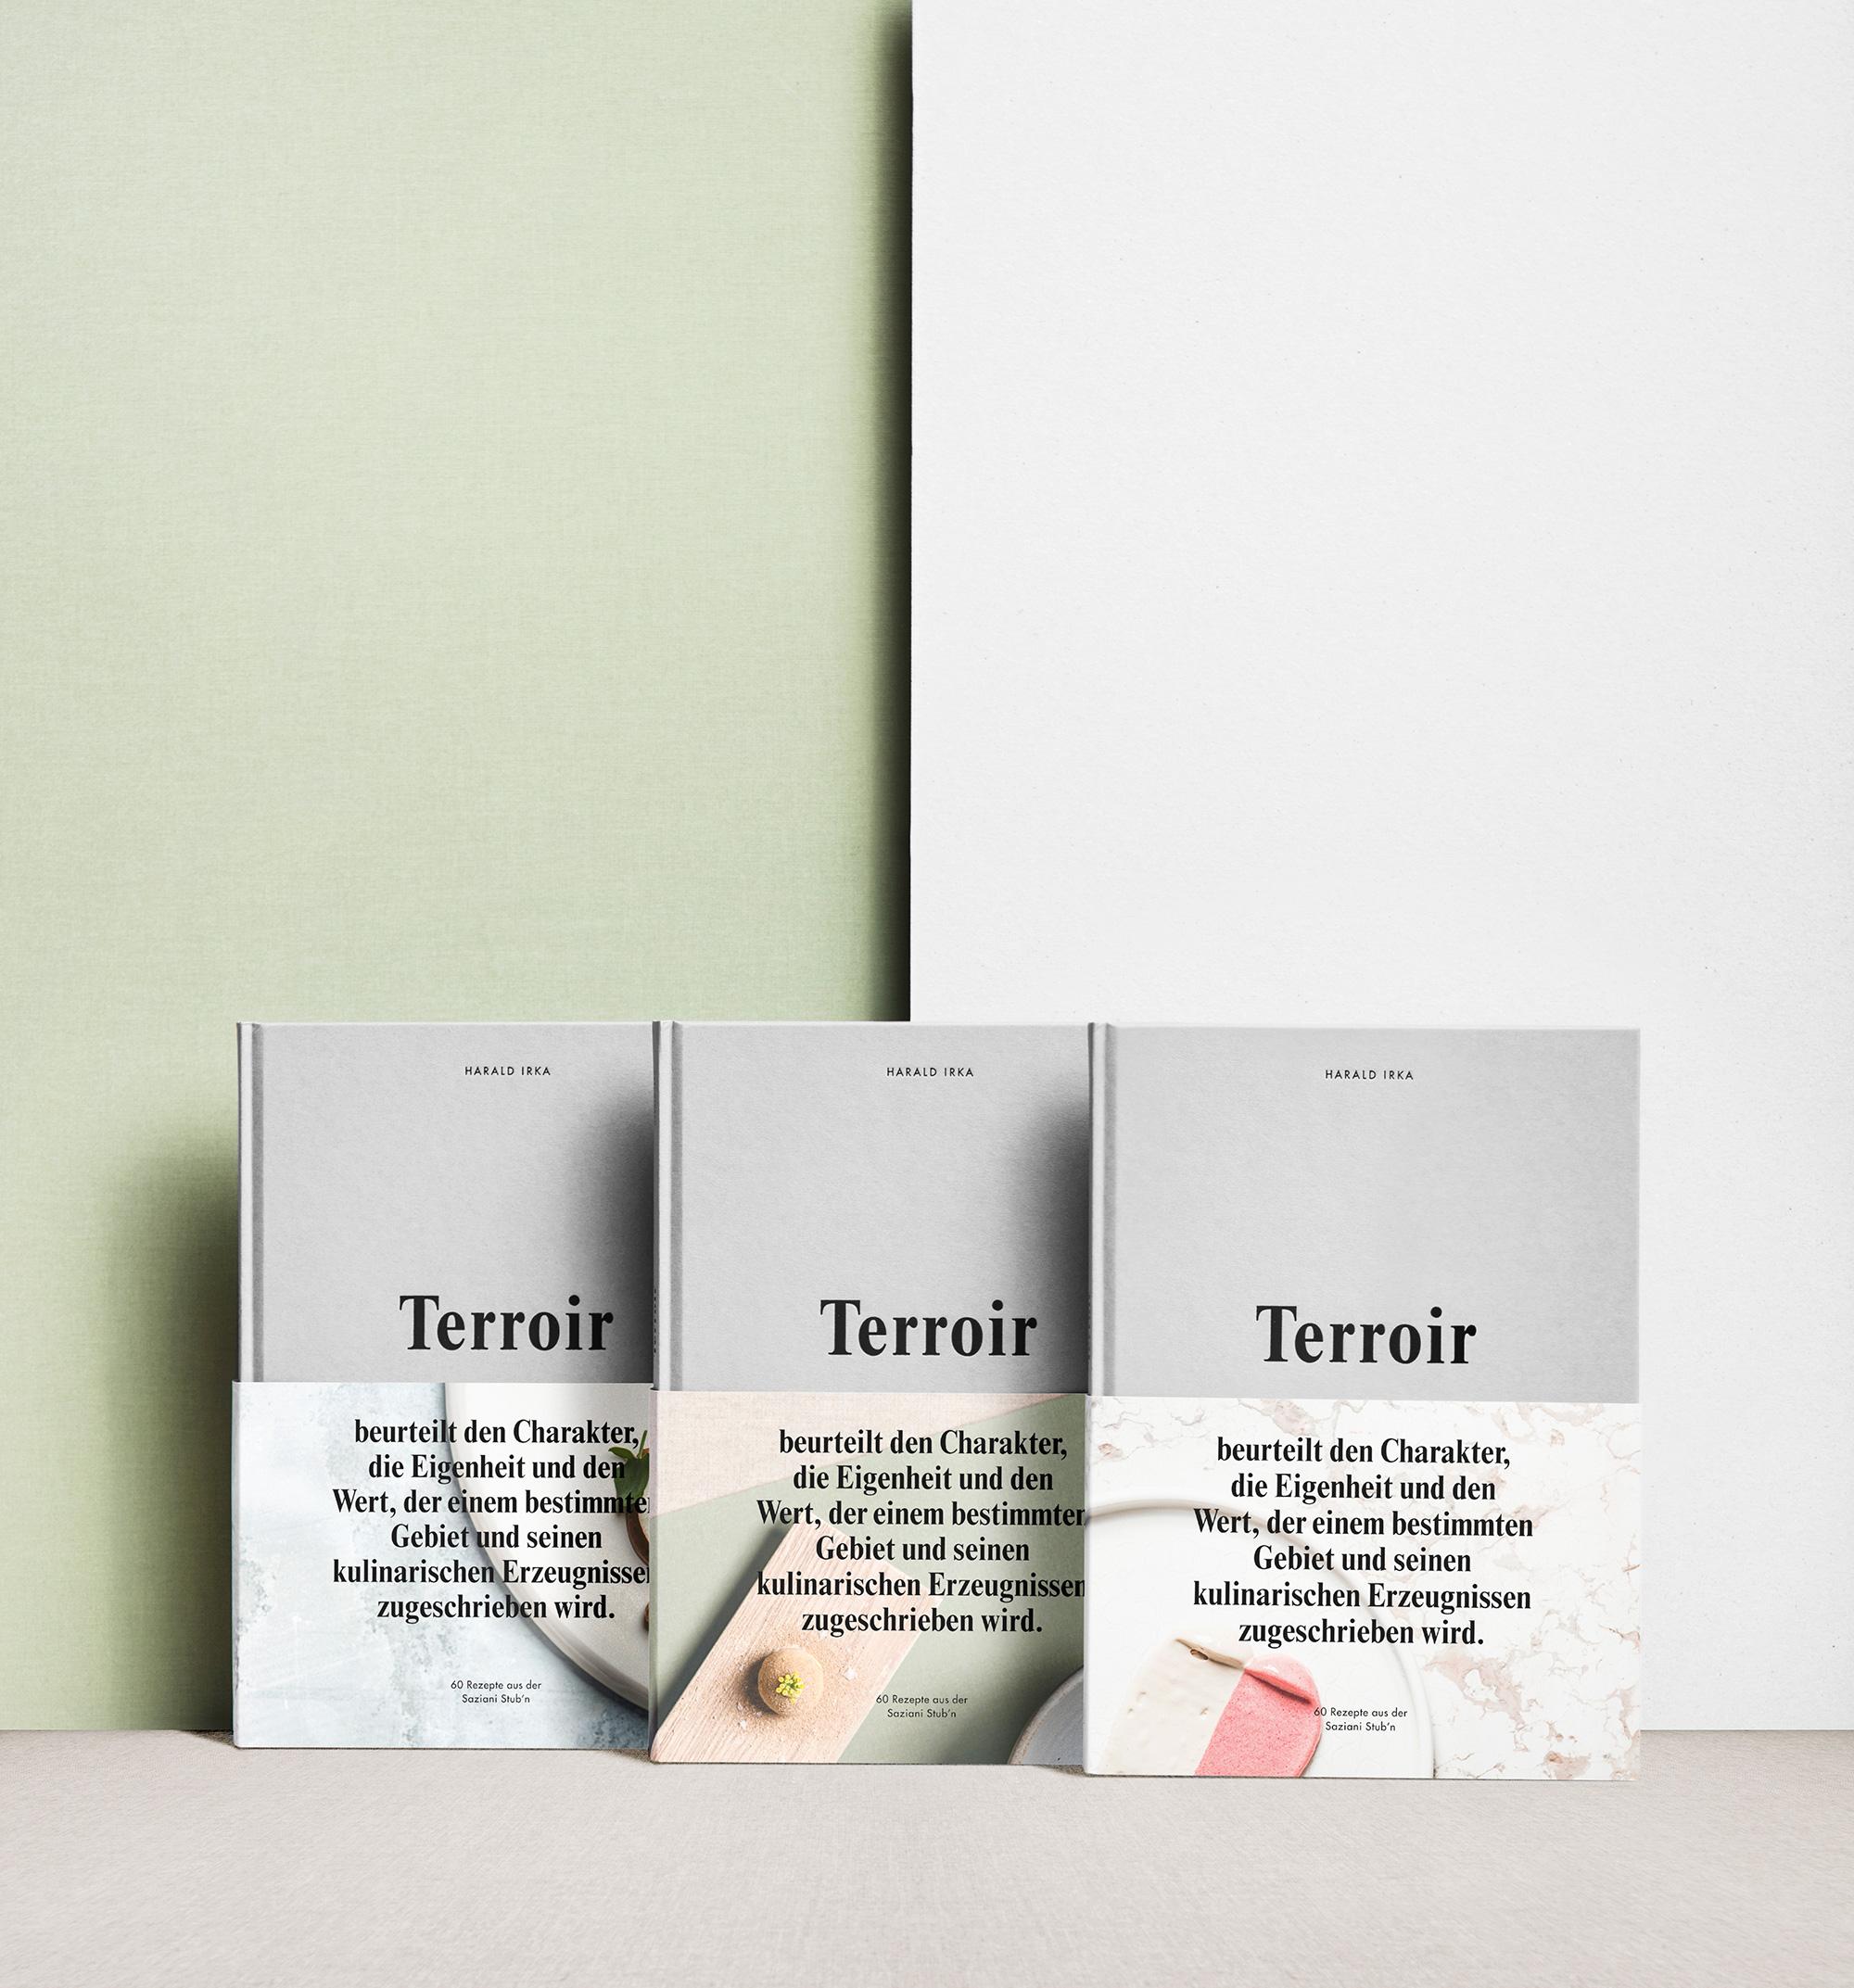 TERROIR_portfolio_cover2_neu.jpg